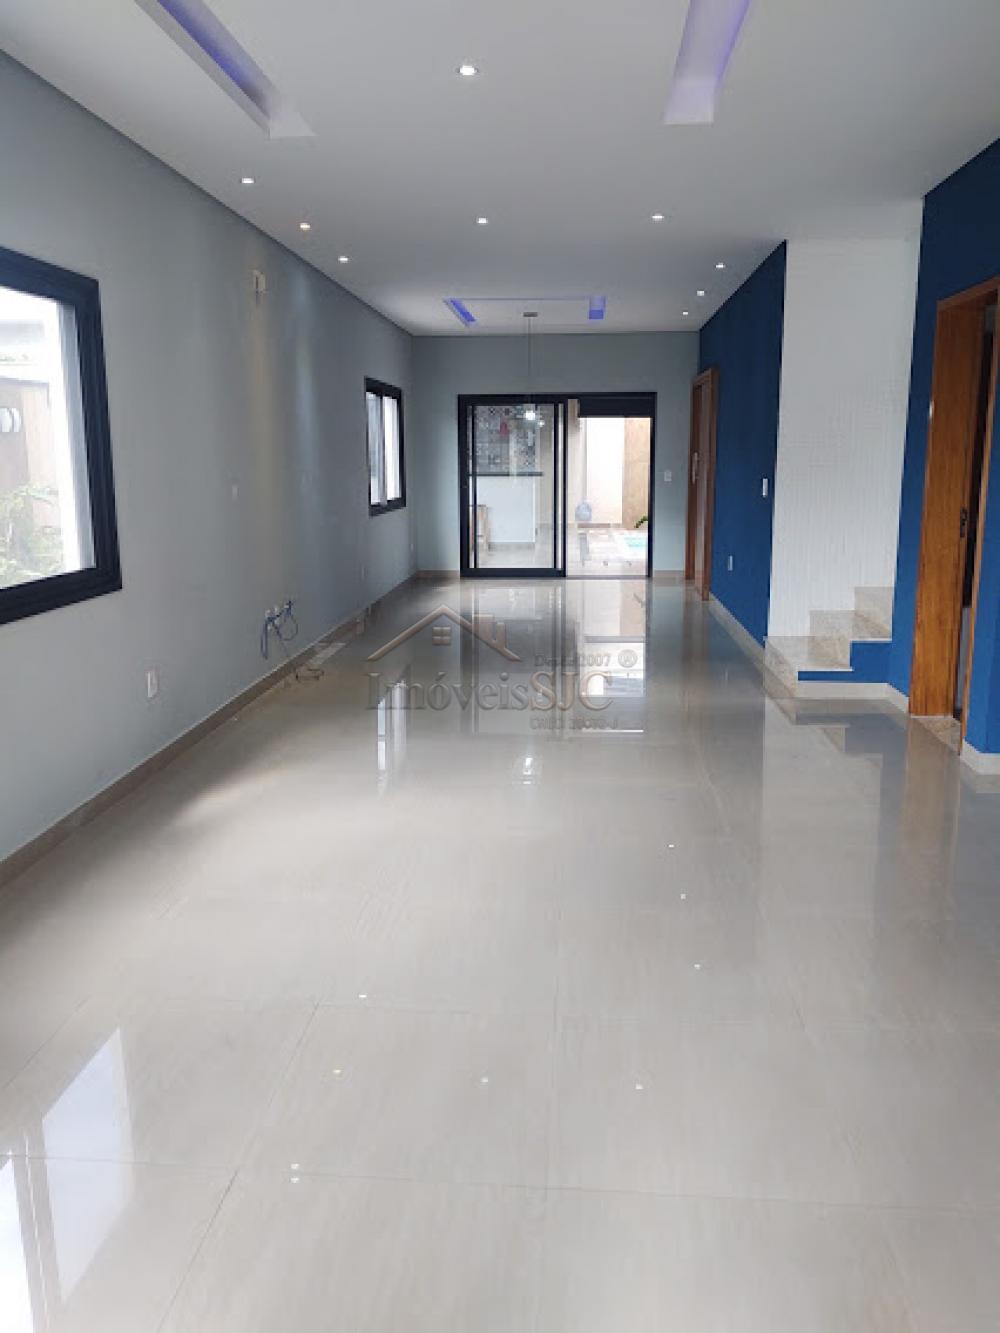 Comprar Casas / Condomínio em São José dos Campos R$ 1.325.000,00 - Foto 6